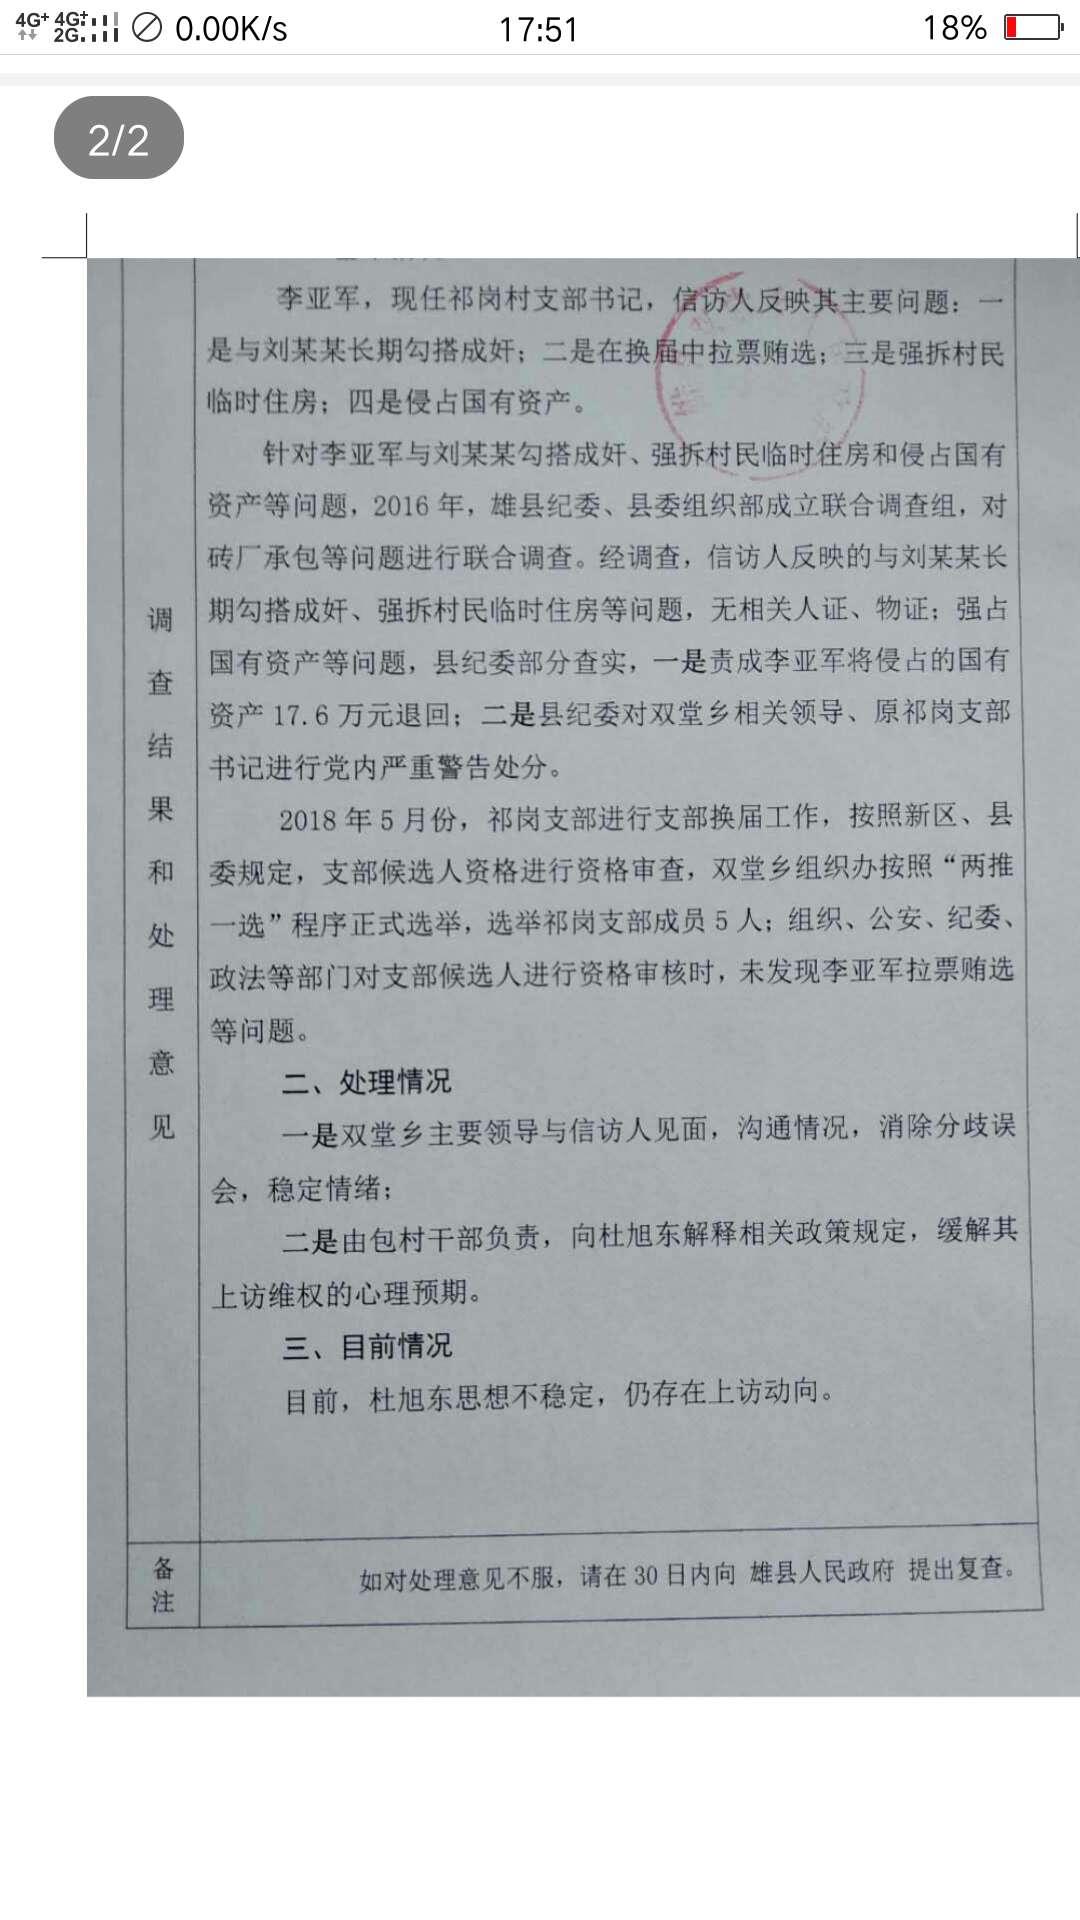 刘喜军_实名举报雄县双堂乡党委书记,刘喜军,欺骗国家信访局